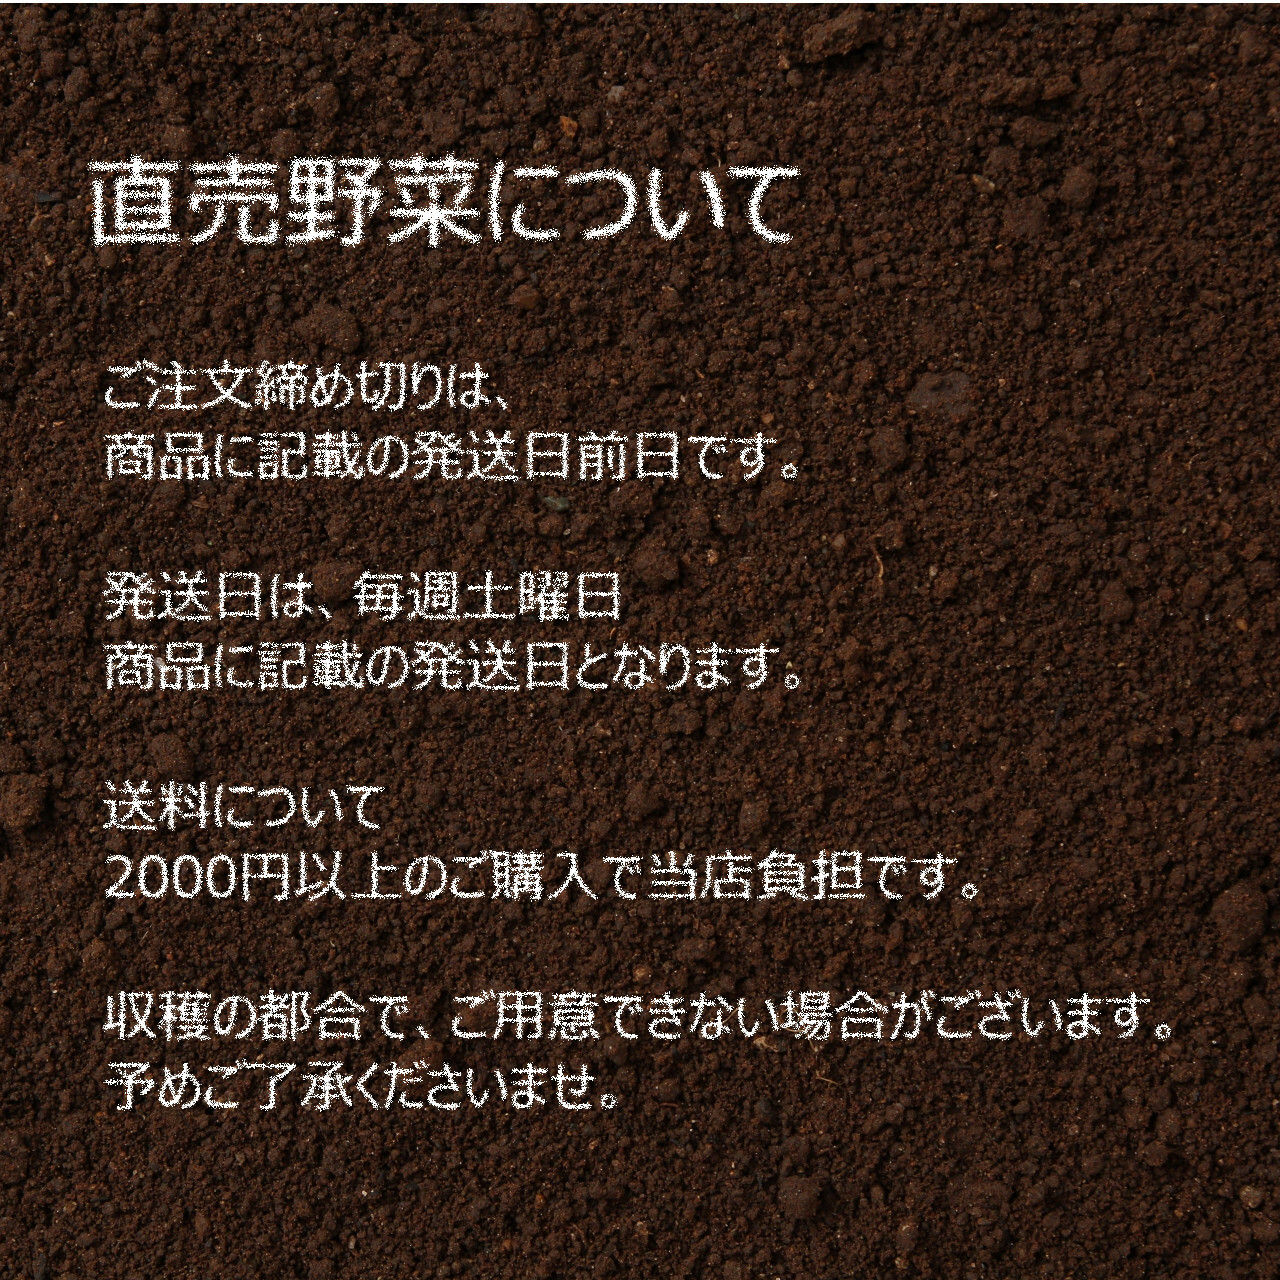 5月の朝採り直売野菜:赤カブ 10個 春の新鮮野菜 5月15日発送予定